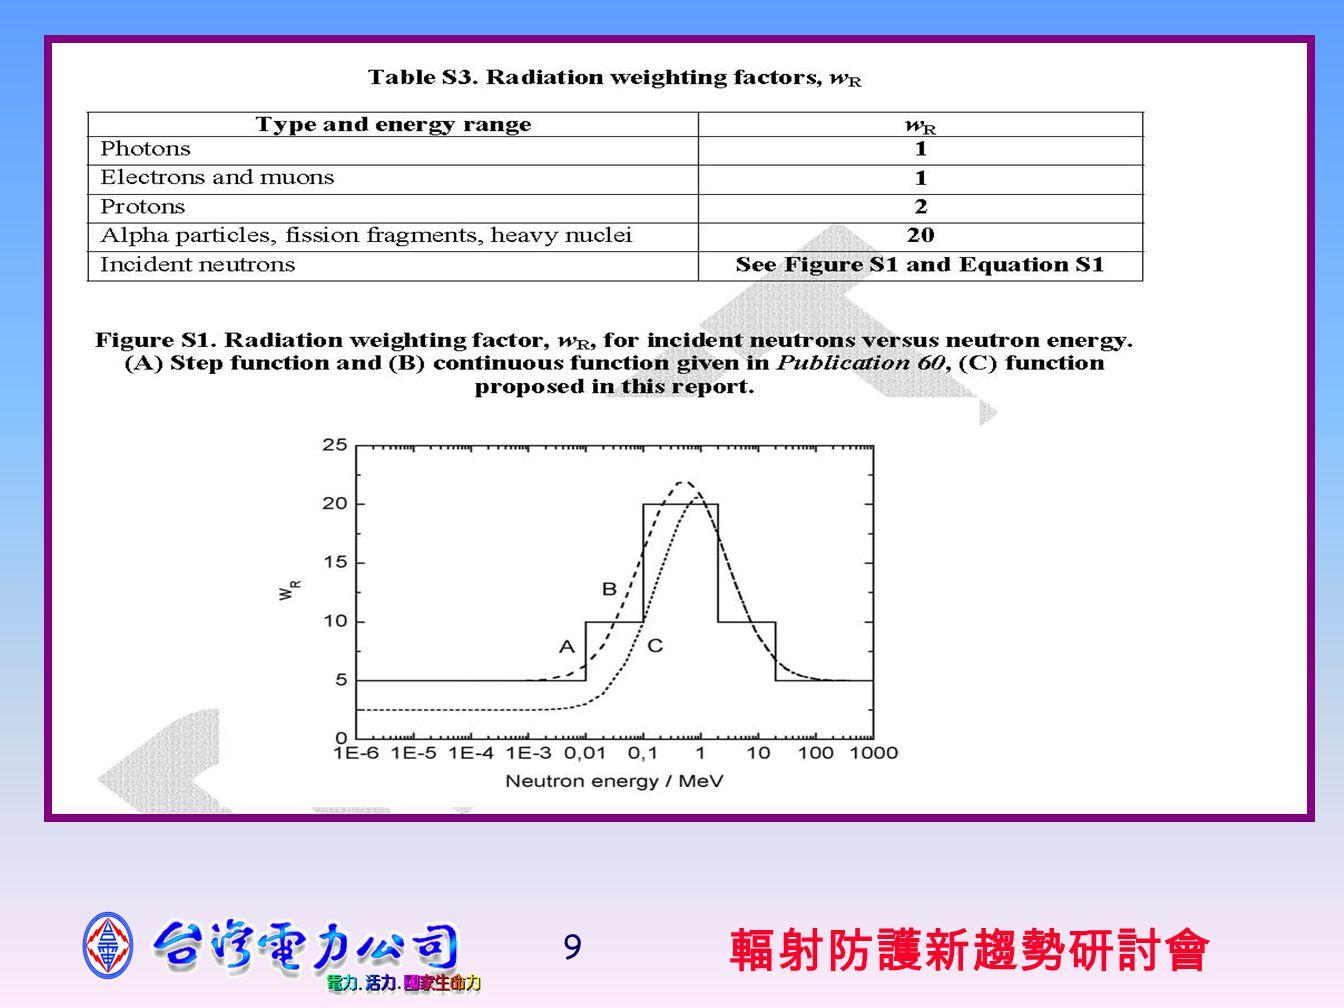 輻射防護新趨勢研討會 9